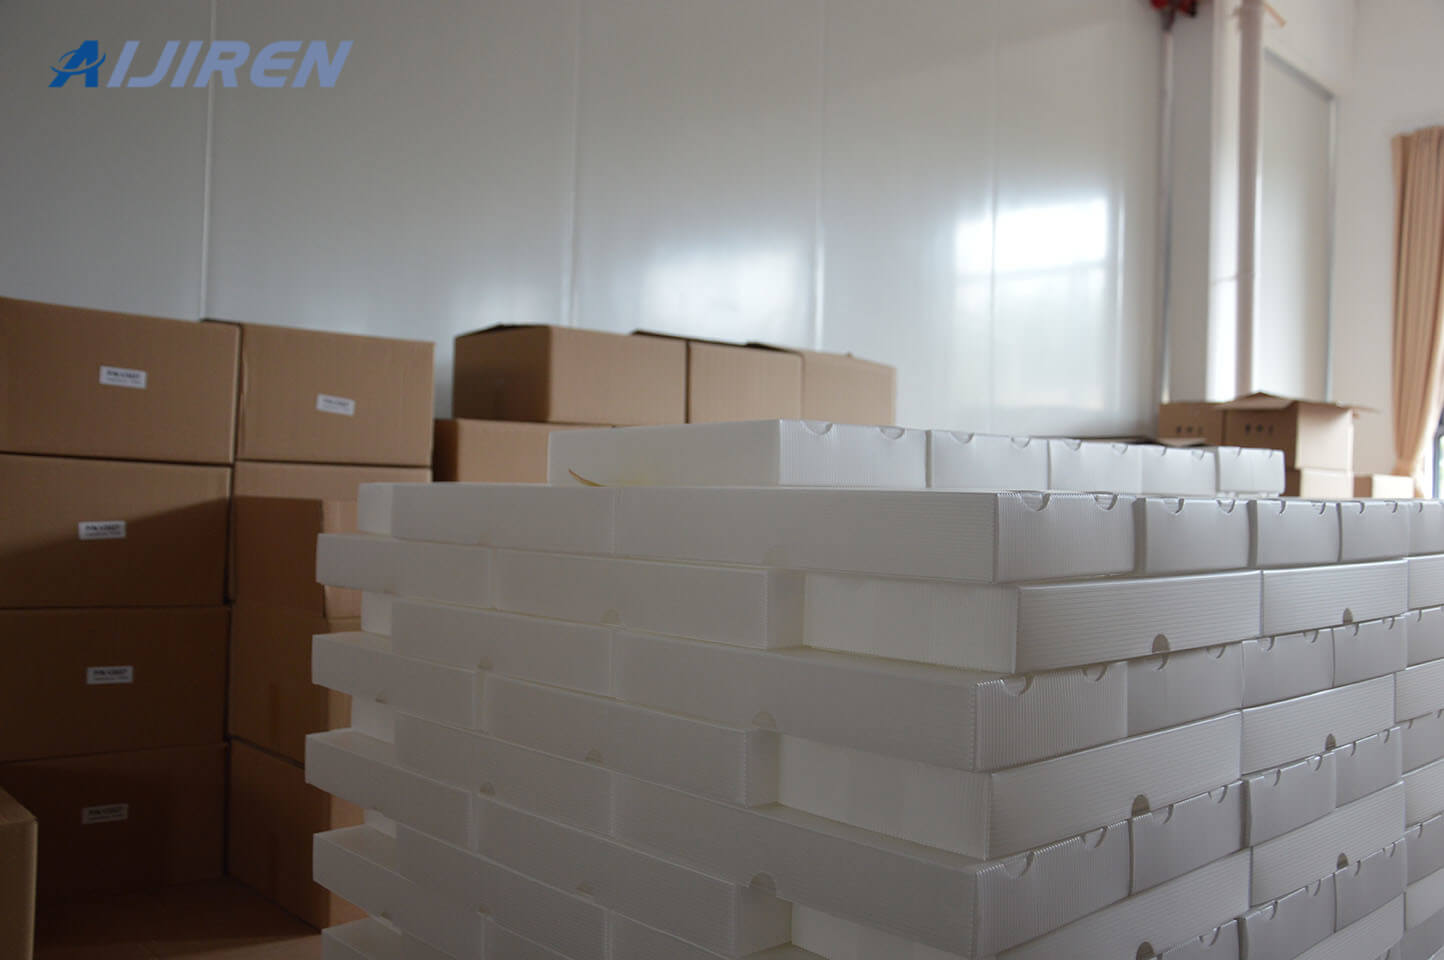 20ml headspace vialAijiren's Package